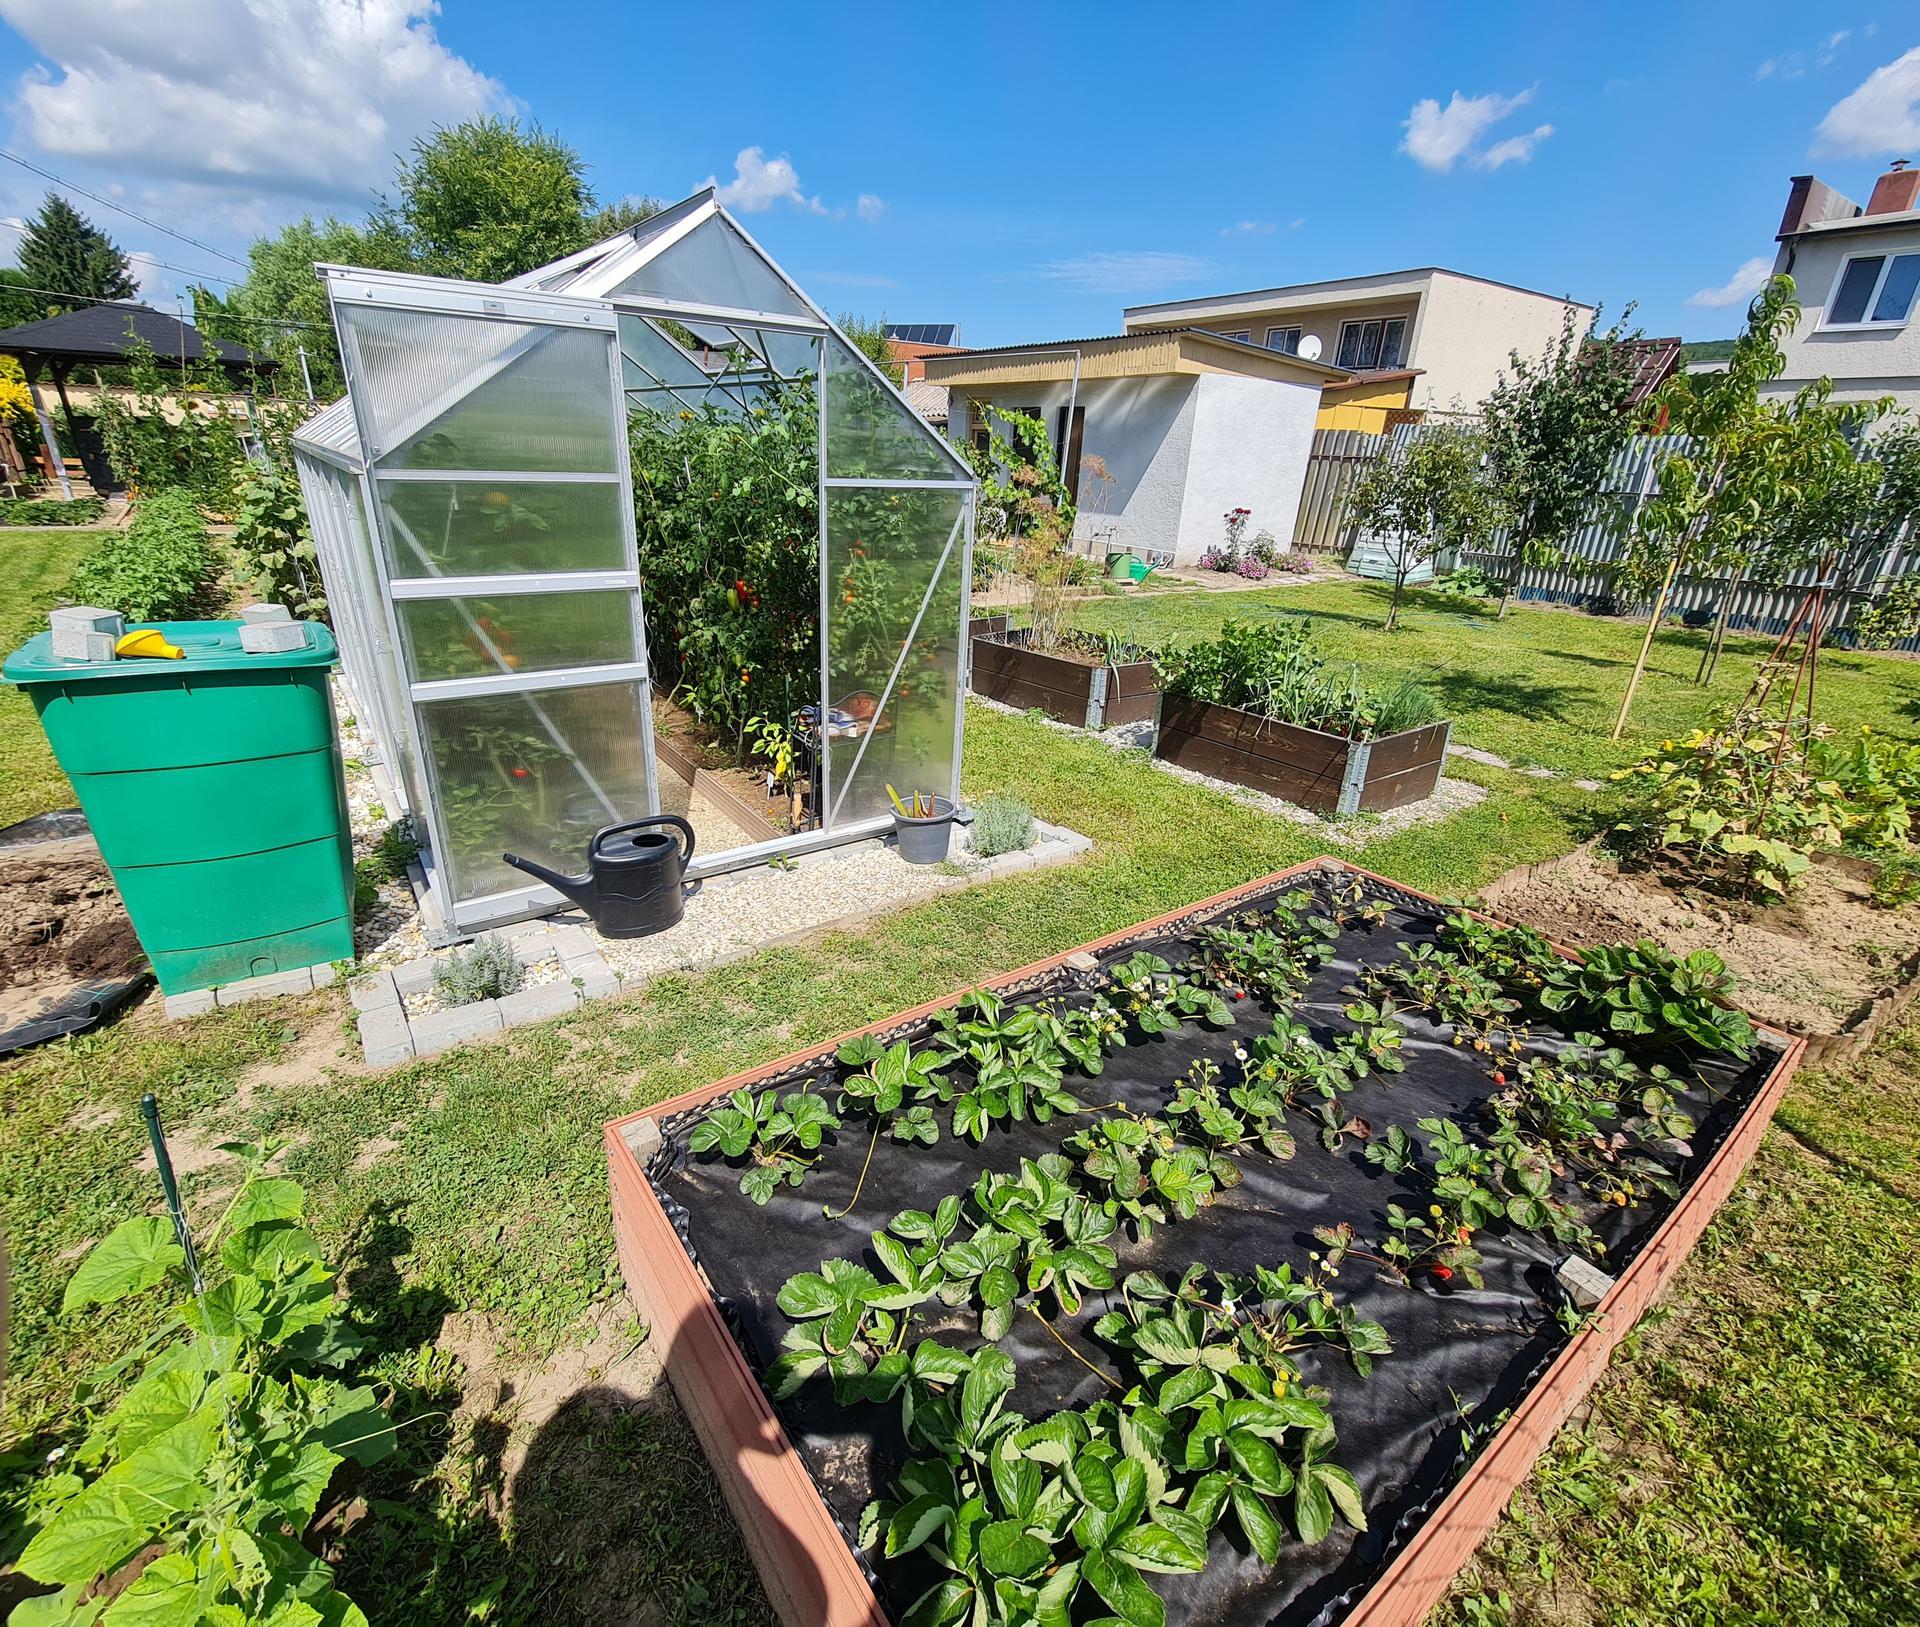 """Naše malé """"pole neorané"""" :o) záhradka 3. rok - ... úžitková časť záhradky ... v skleníku s paradajkami som to tento rok trošku prehnala, je ich véééľa, hotová džungľa :-D"""